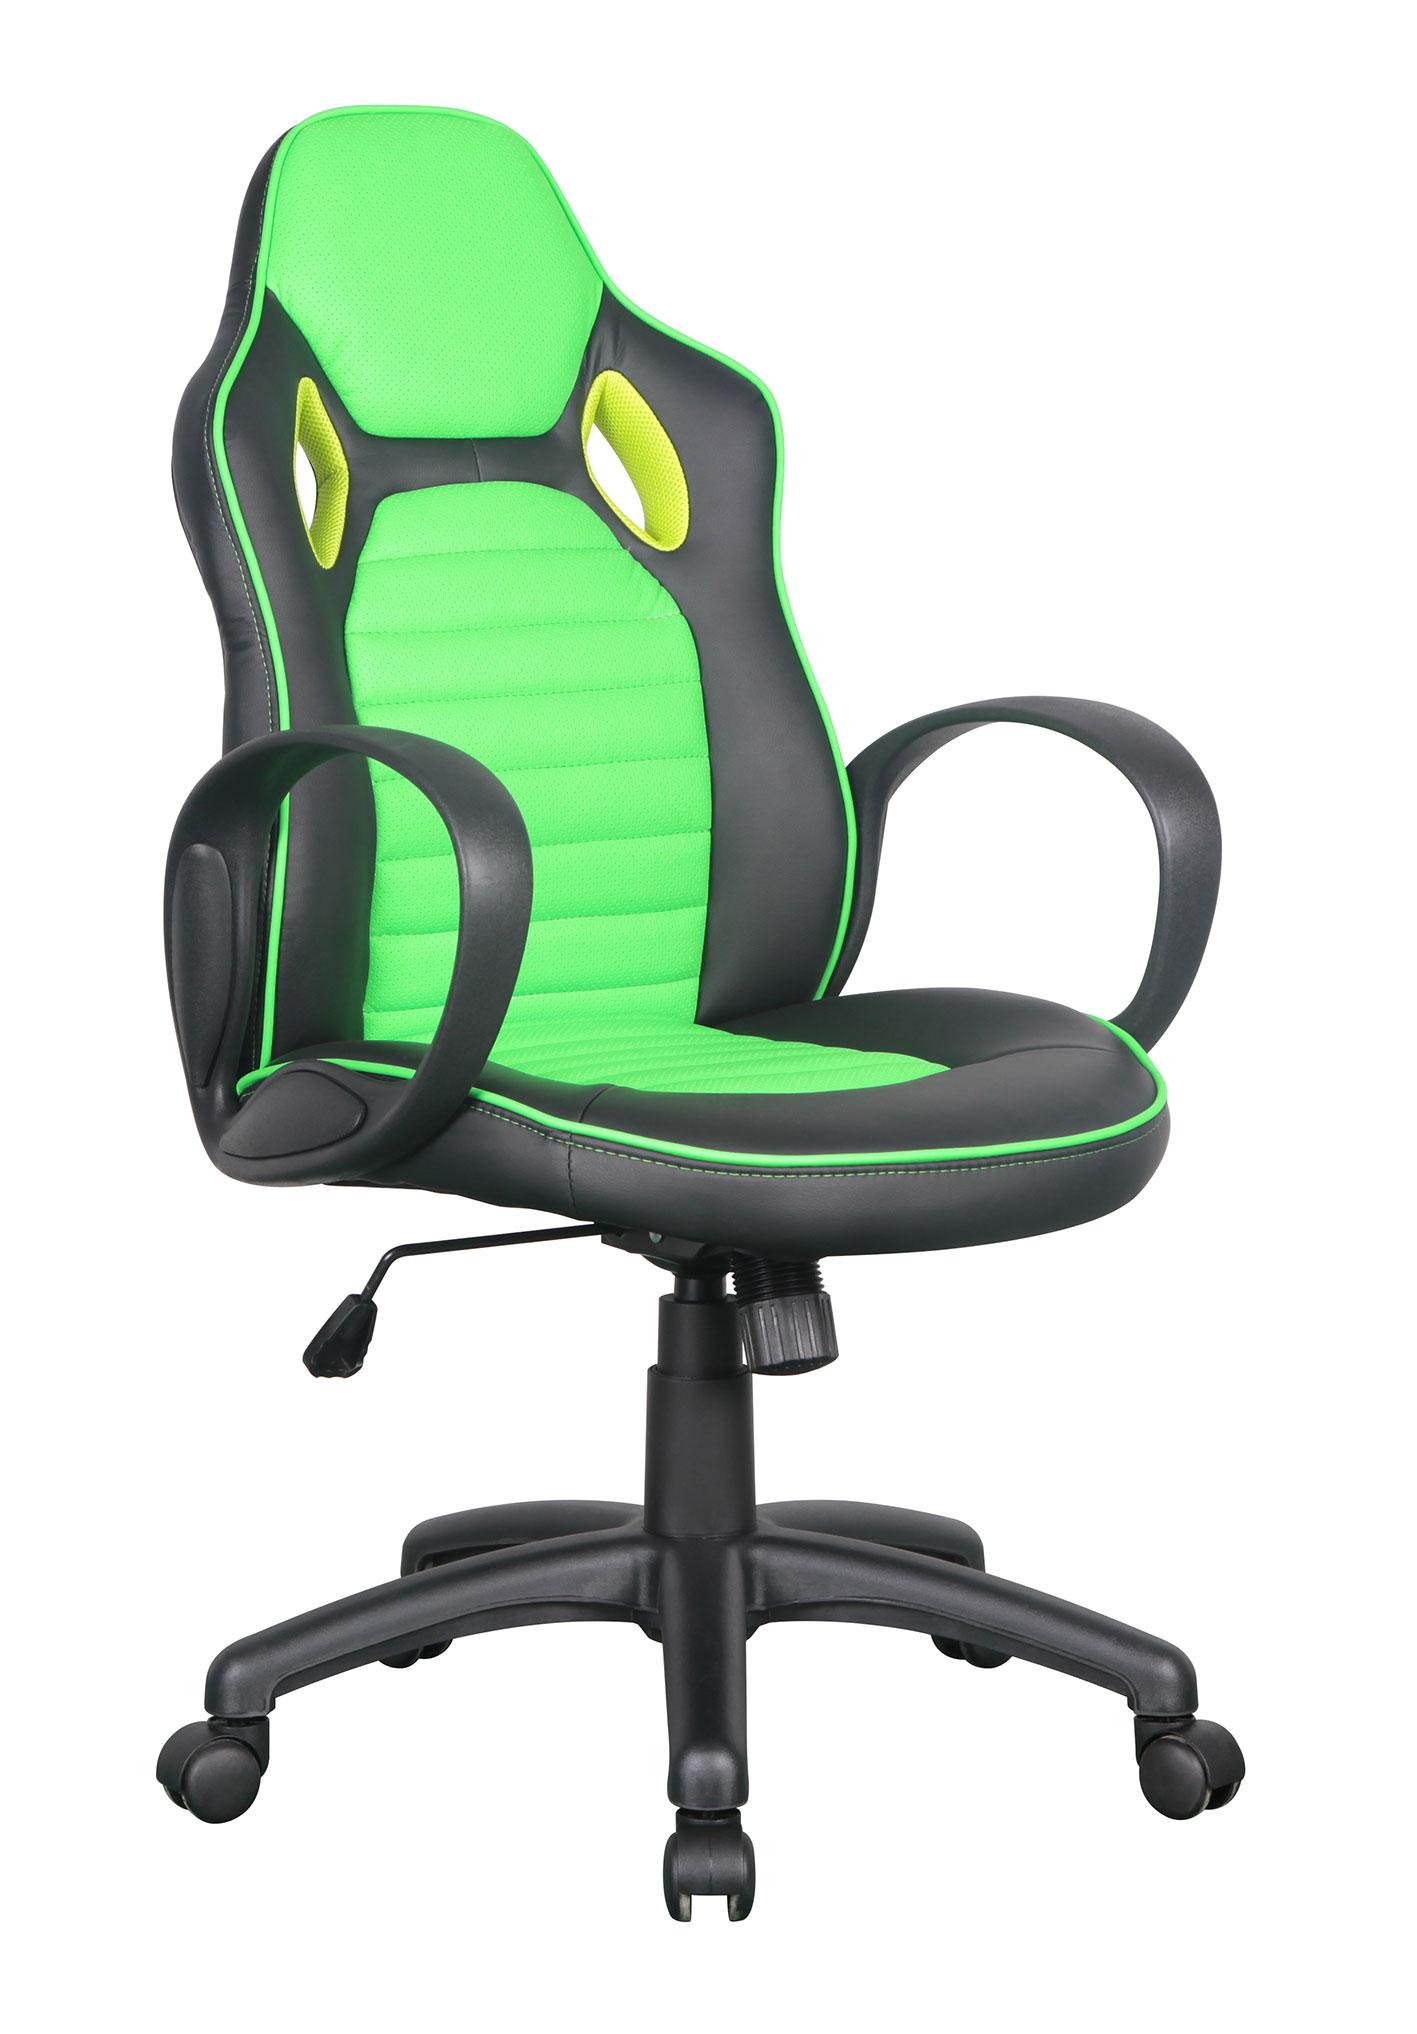 Sixbros racing silla de oficina silla giratoria diferentes for Silla de oficina racing